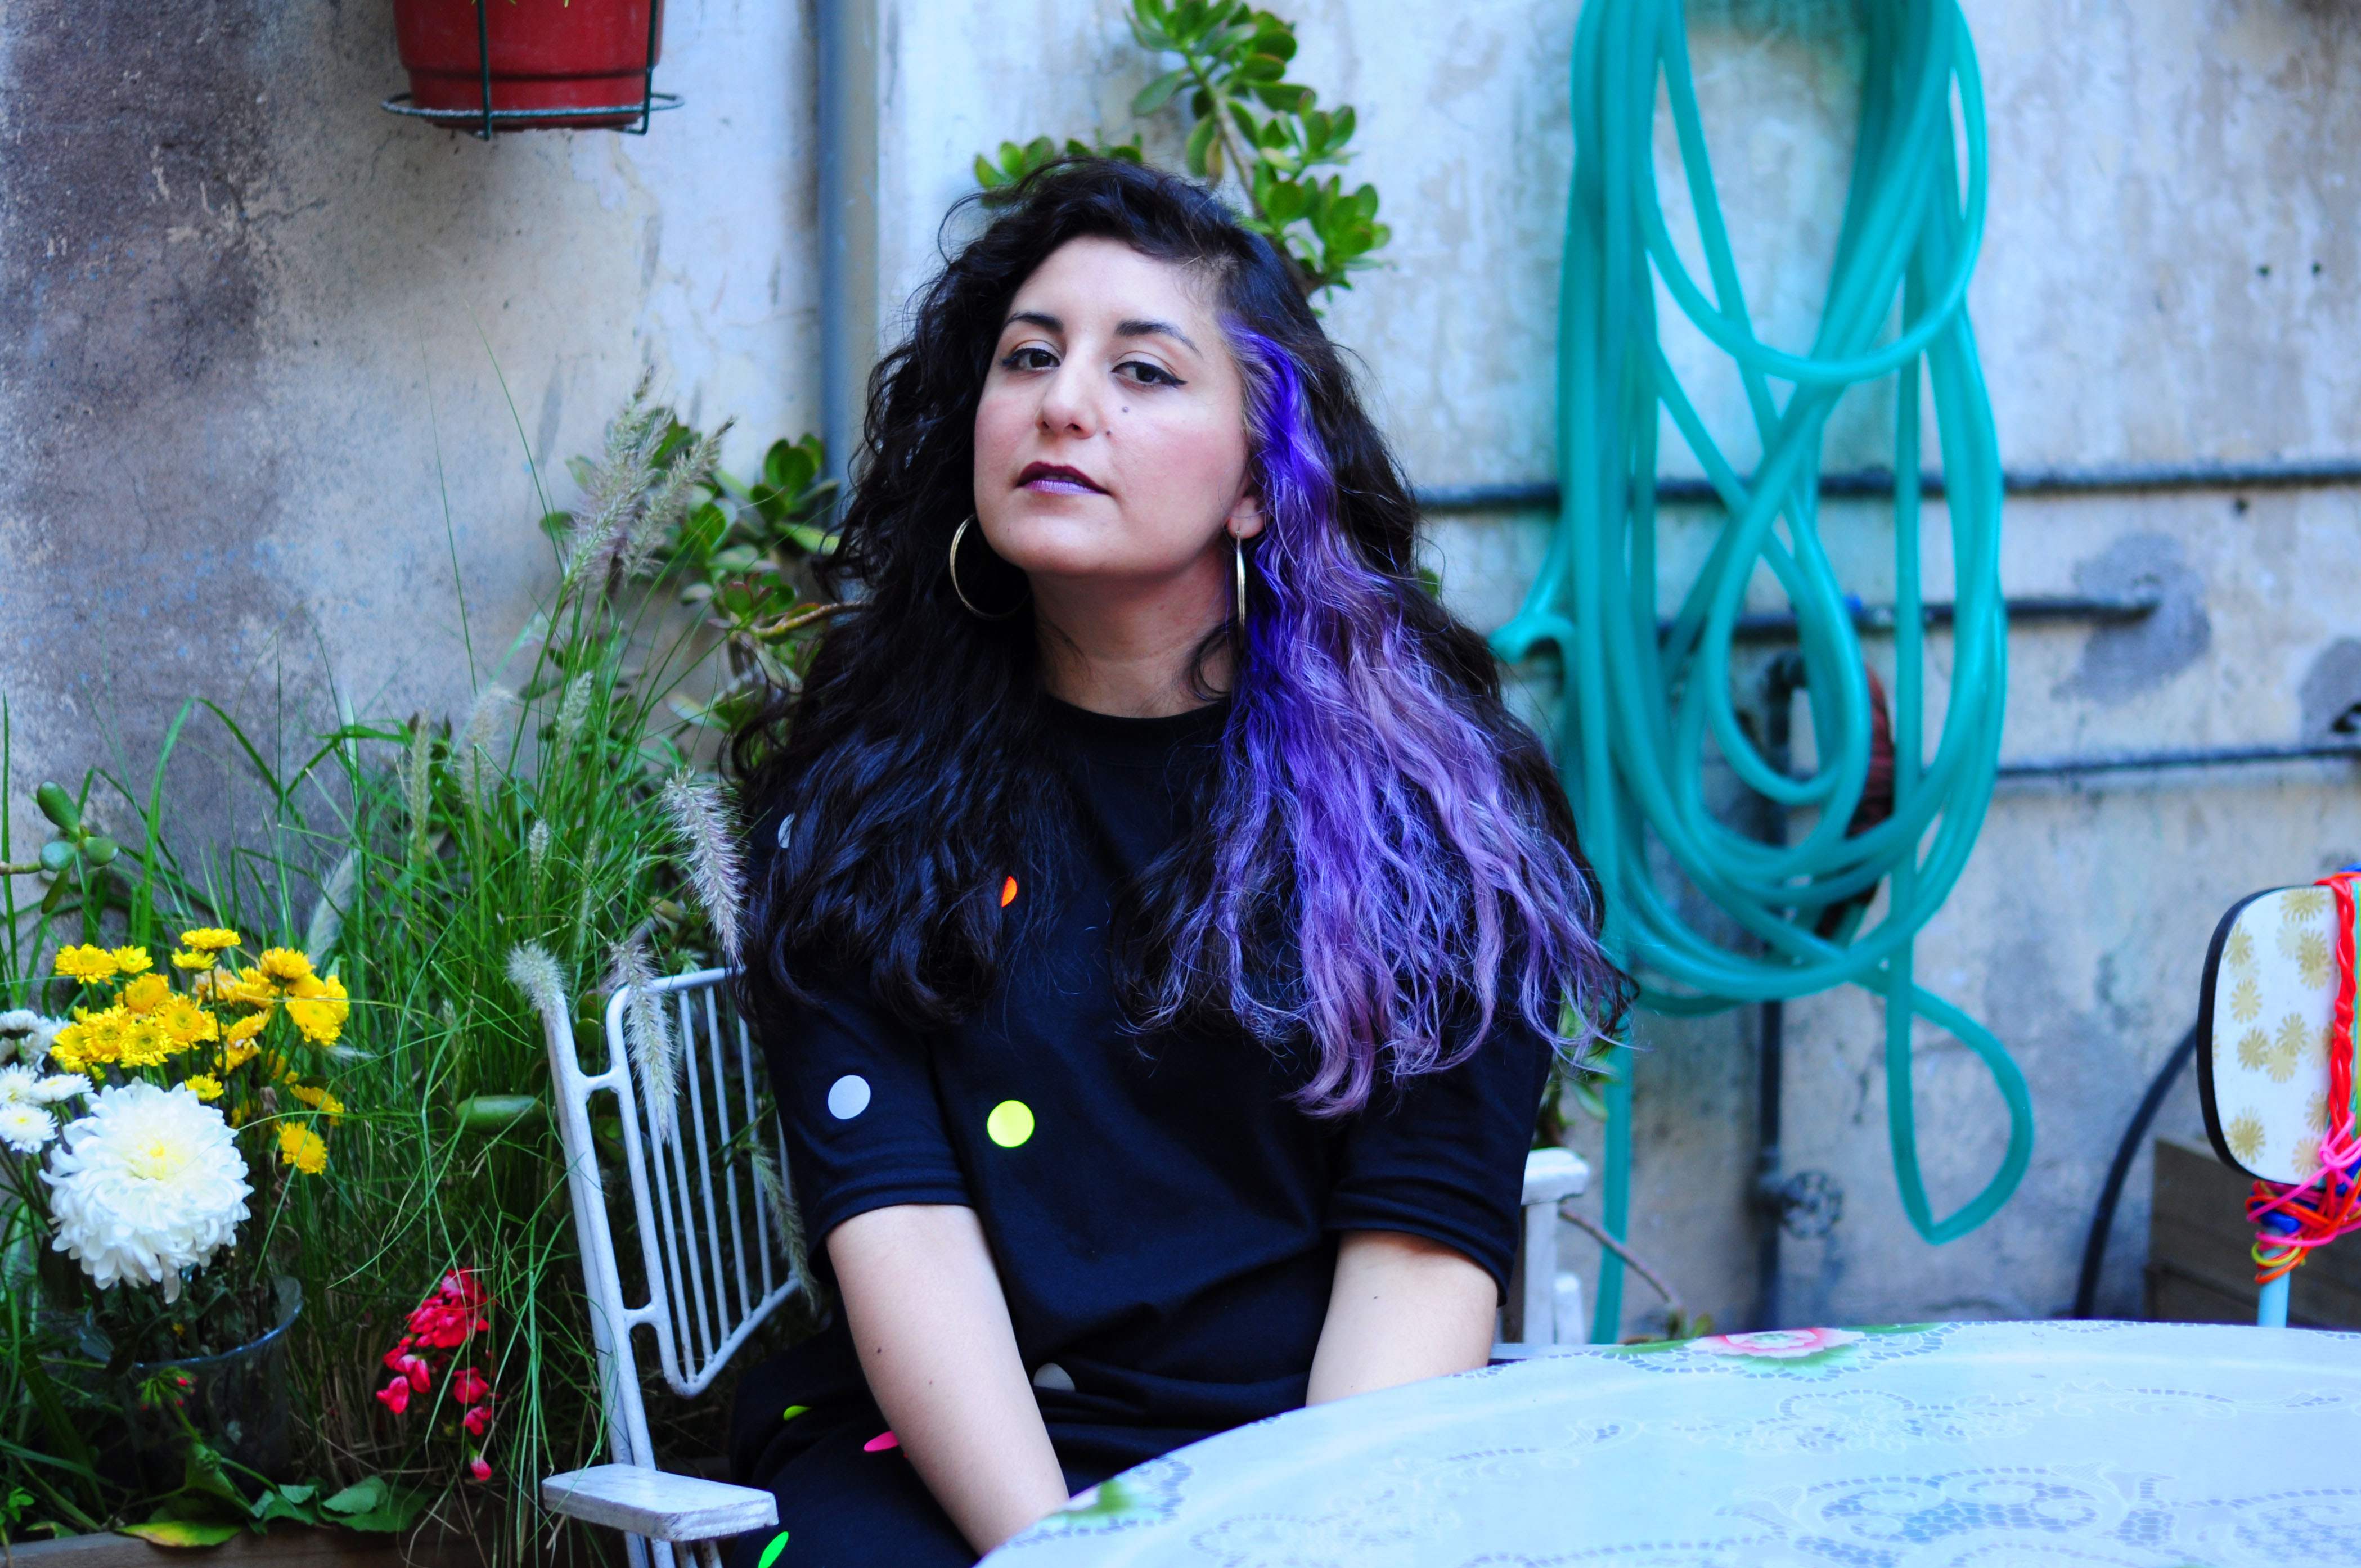 Quemasucabeza Has Big Plans to Become the South American Sub Pop